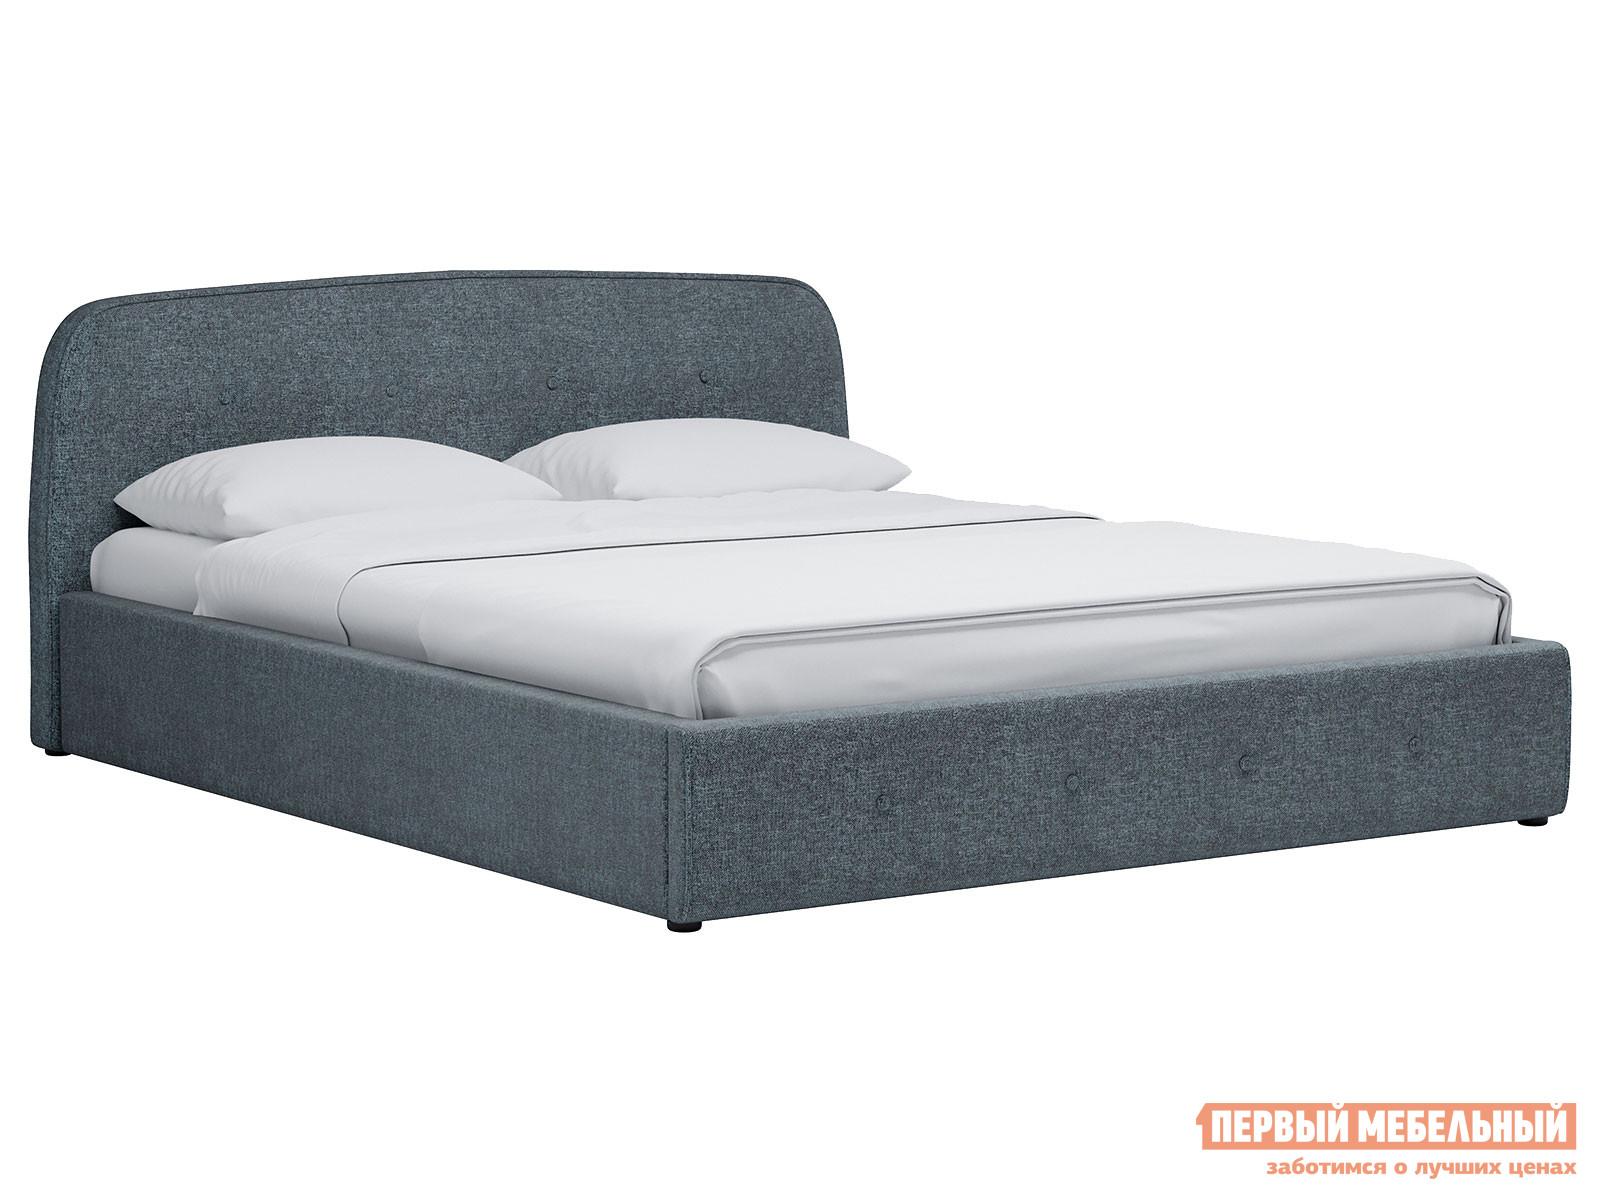 Двуспальная кровать Первый Мебельный Кровать с подъемным механизмом Илона 160х200